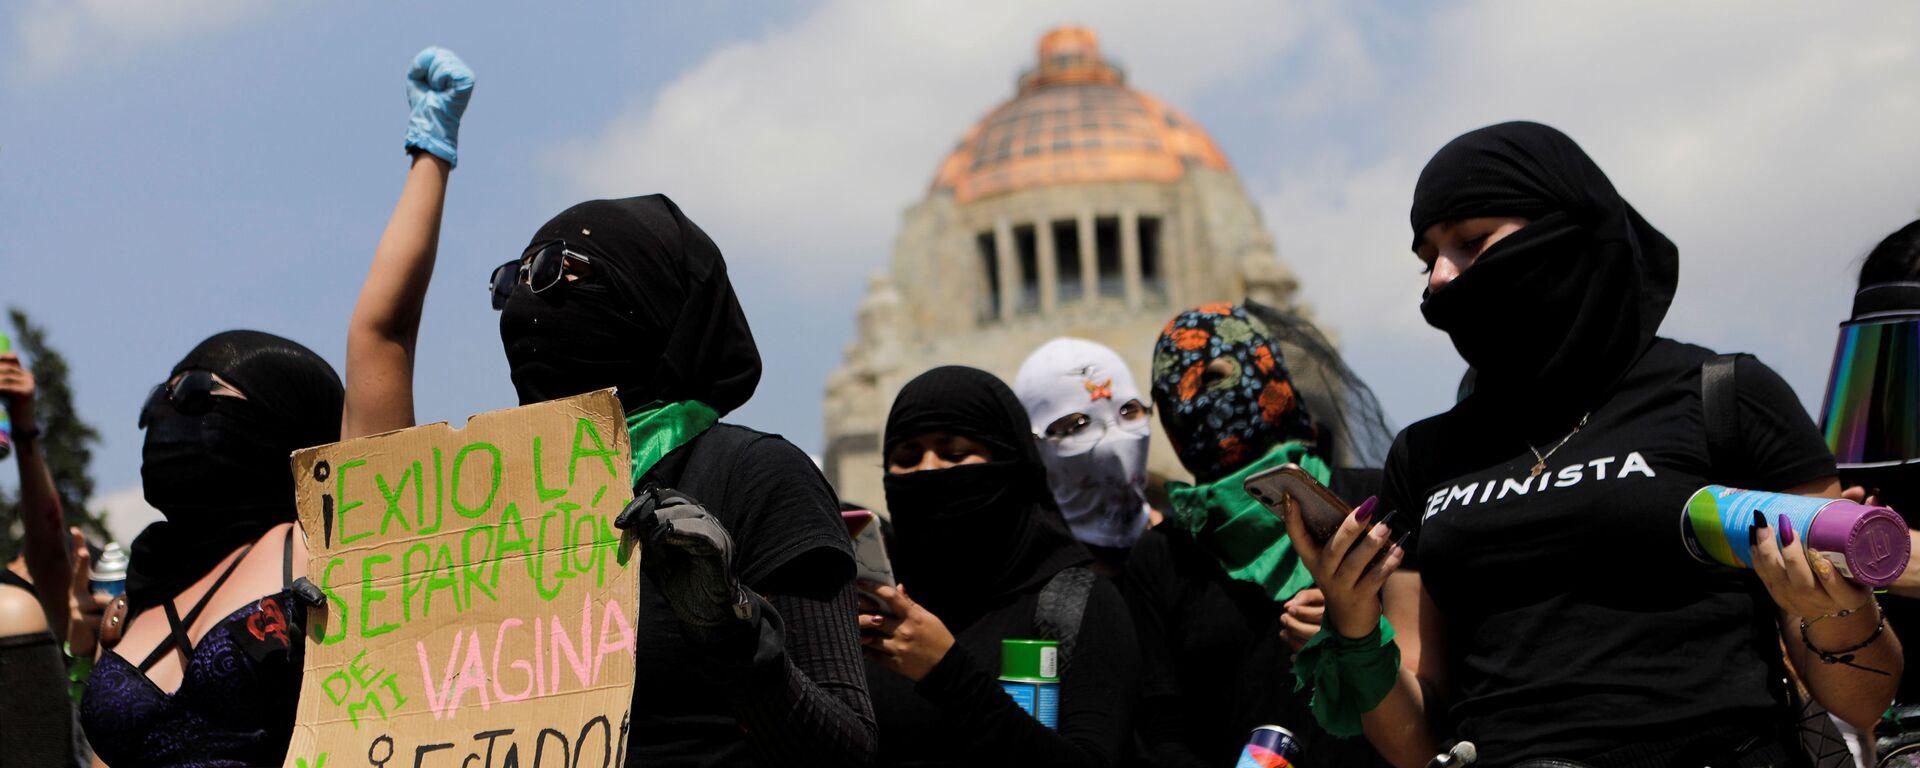 Protesta feminista contra el rechazo a despenalizar el aborto en Veracruz - Sputnik Mundo, 1920, 20.09.2021